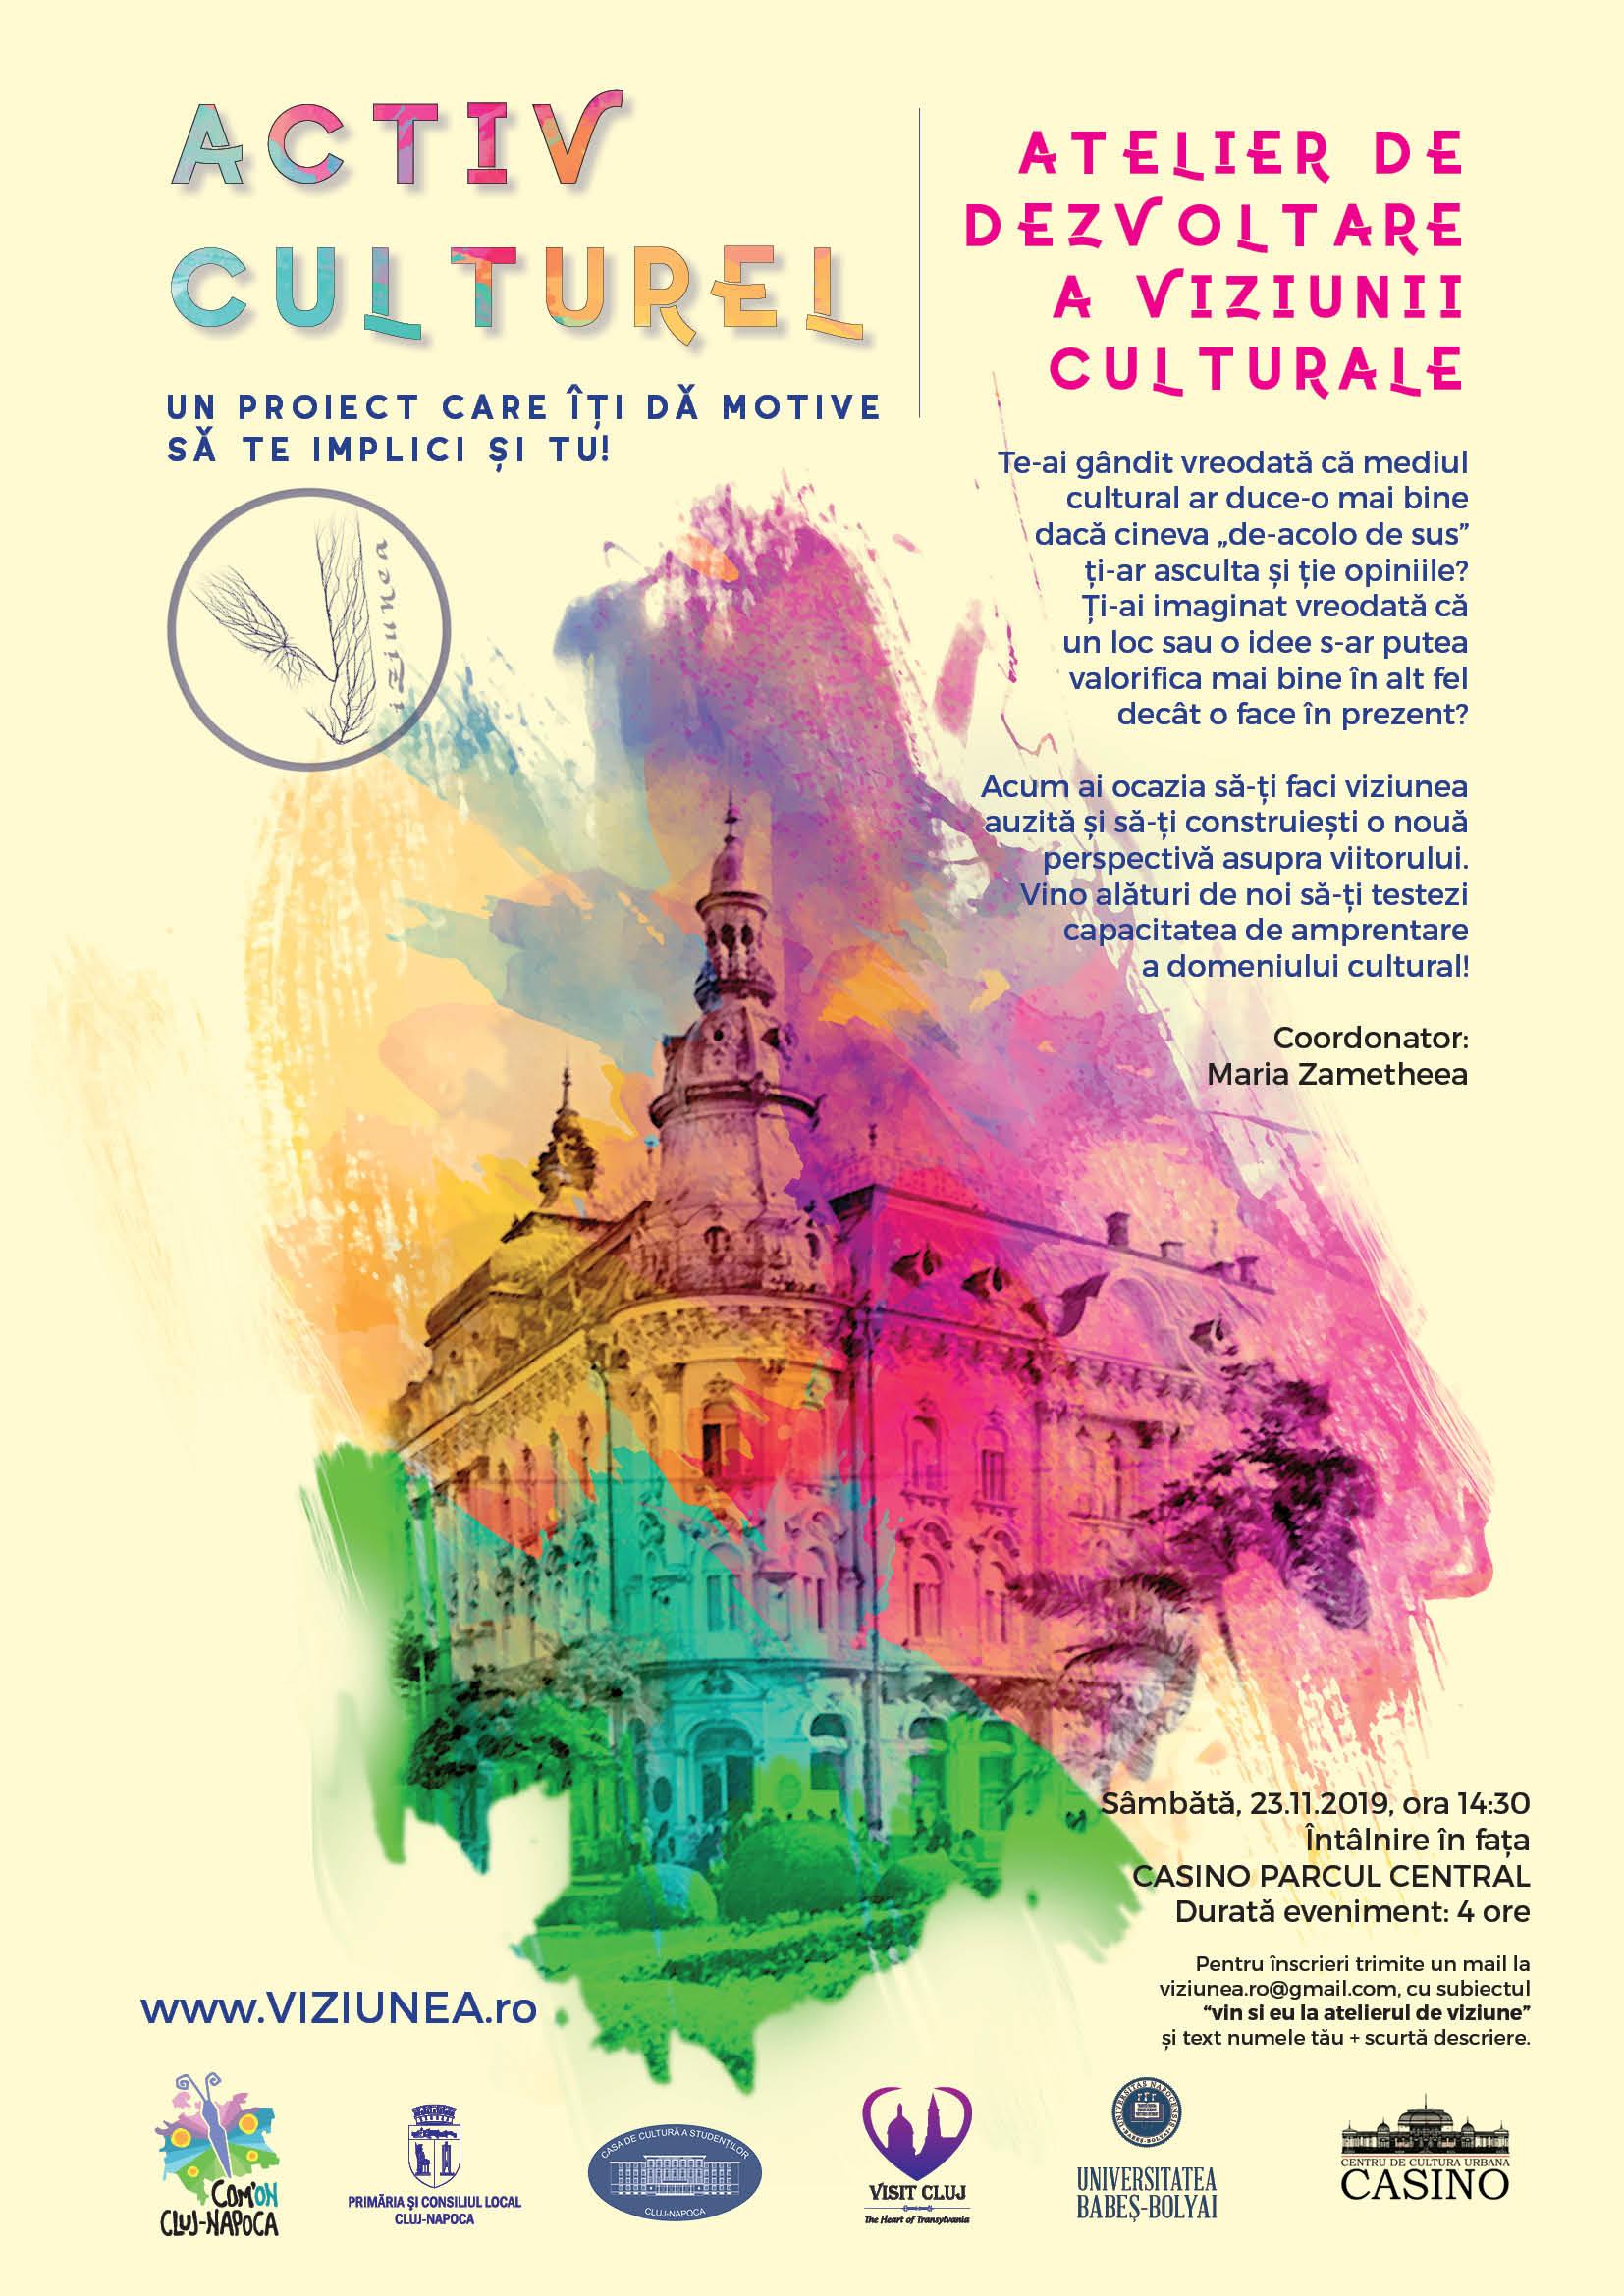 Atelier de dezvoltare a Viziunii Culturale